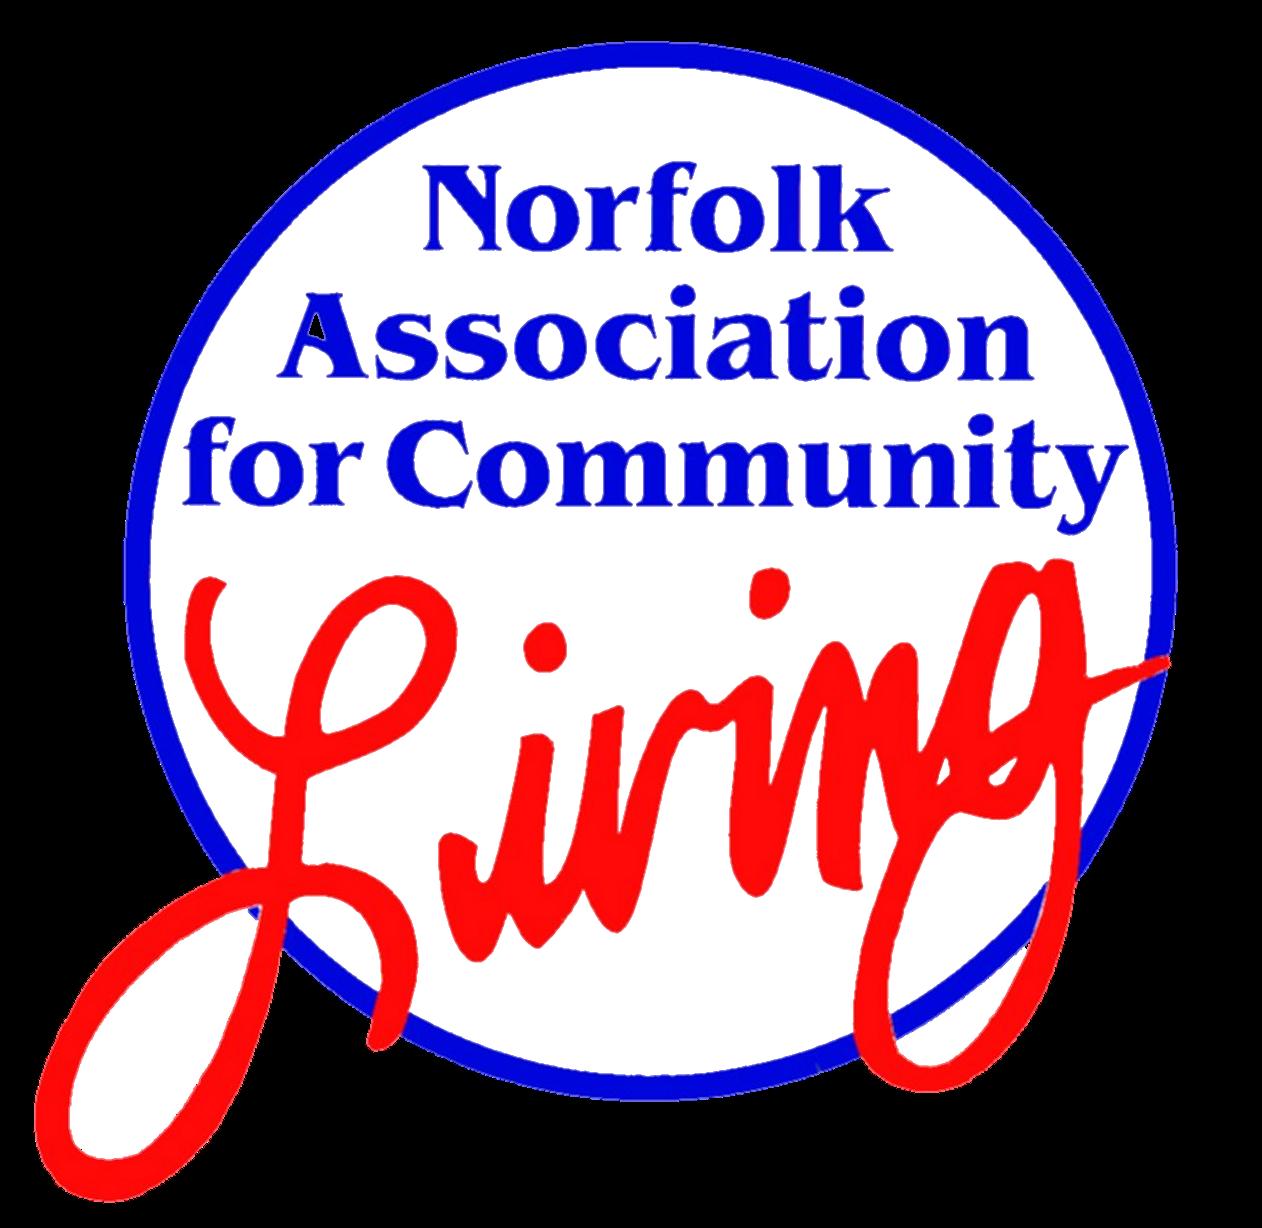 Norfolk Association for Community Living (N.A.C.L.)